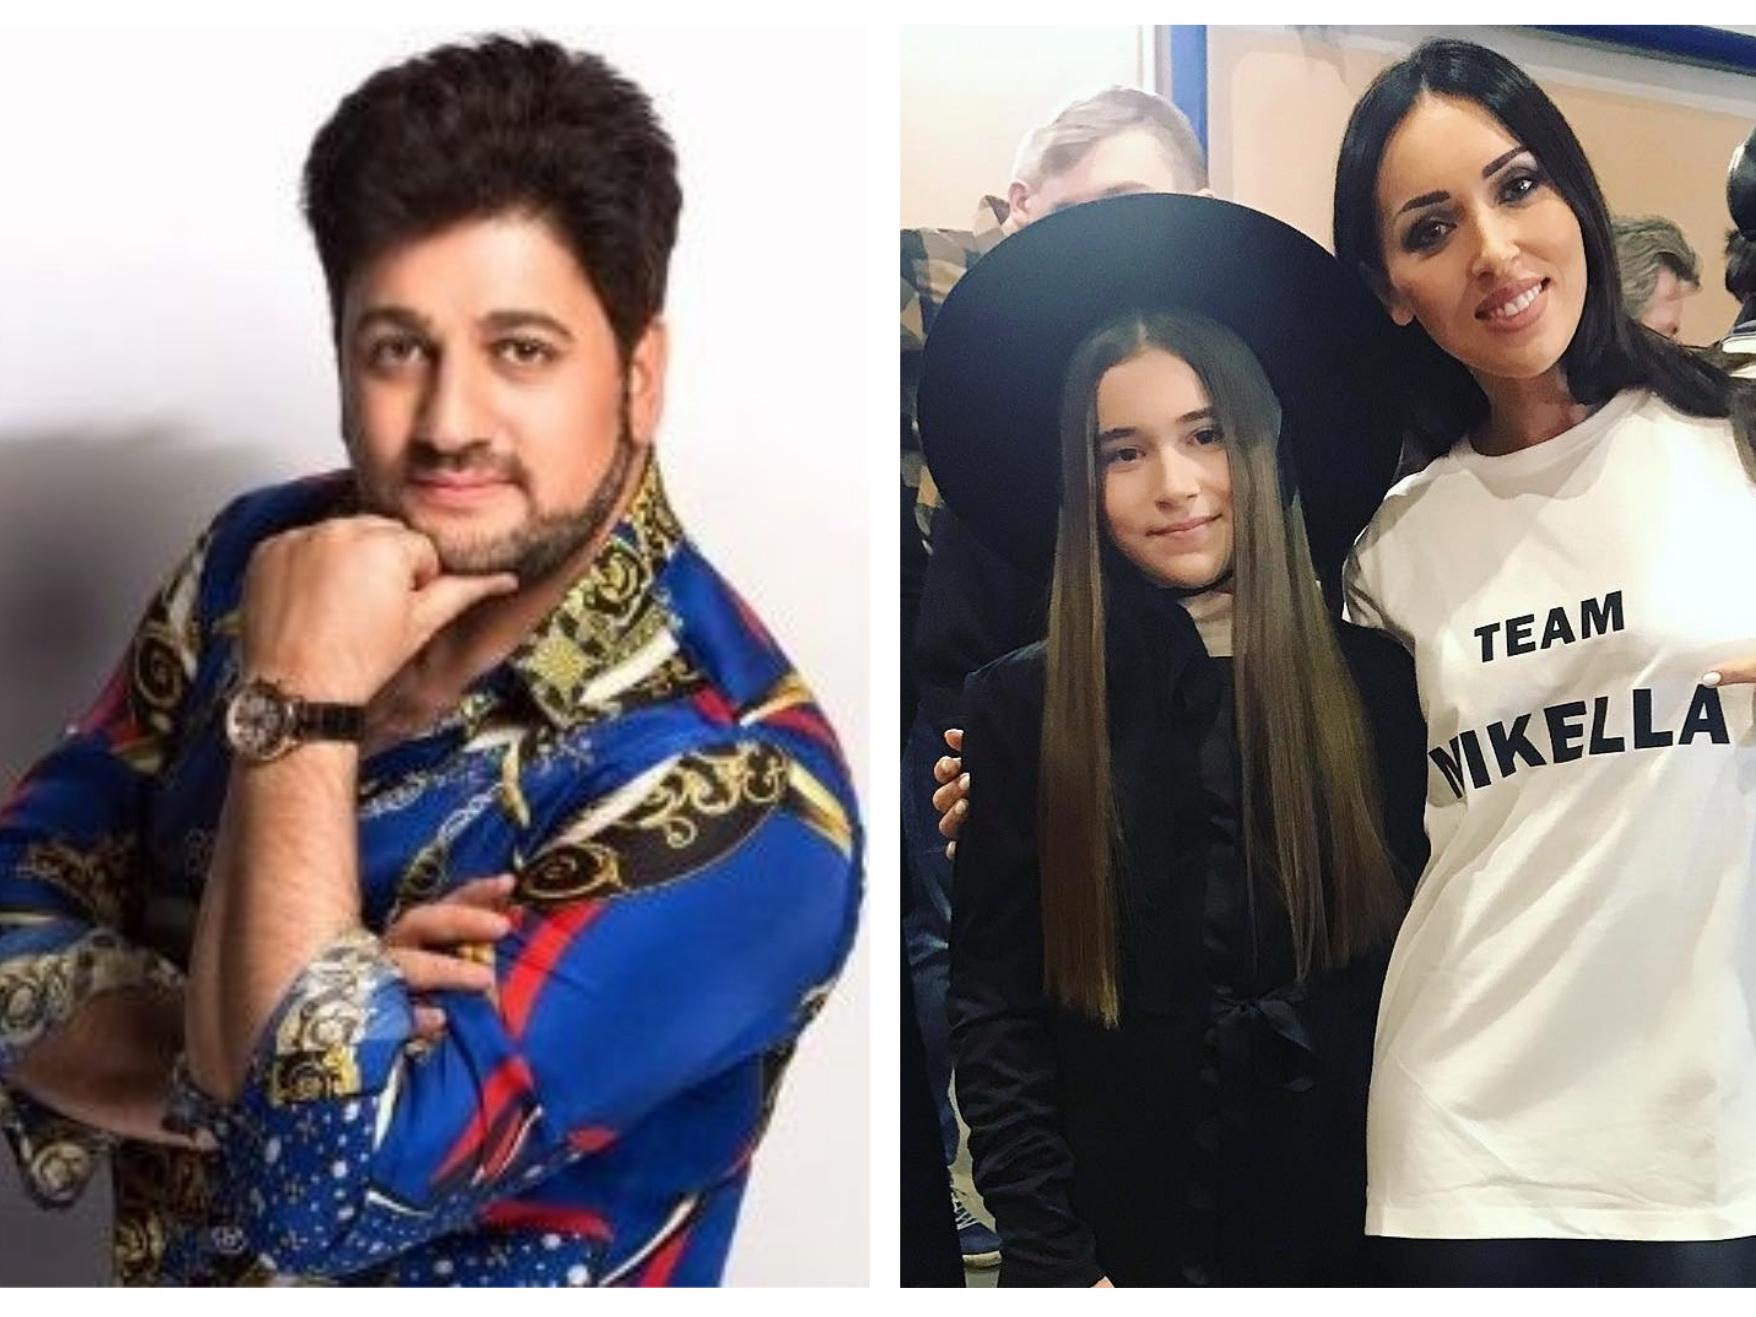 Юсиф Эйвазов не считает дочь Алсу победительницей шоу «Голос. Дети» - ВИДЕО